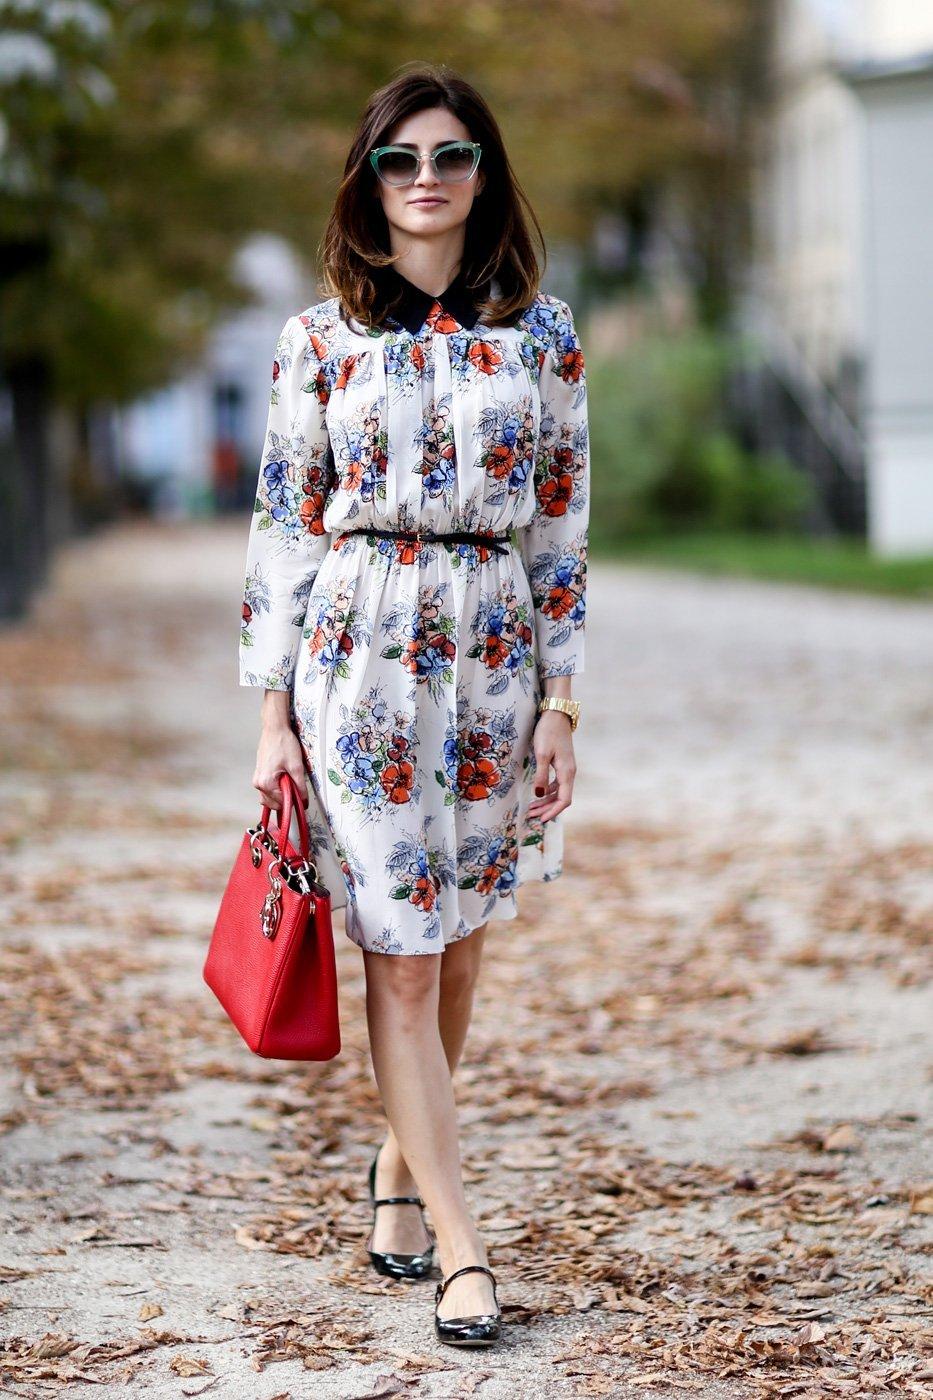 шифоновое платье с принтом, уличная мода Парижа 2015